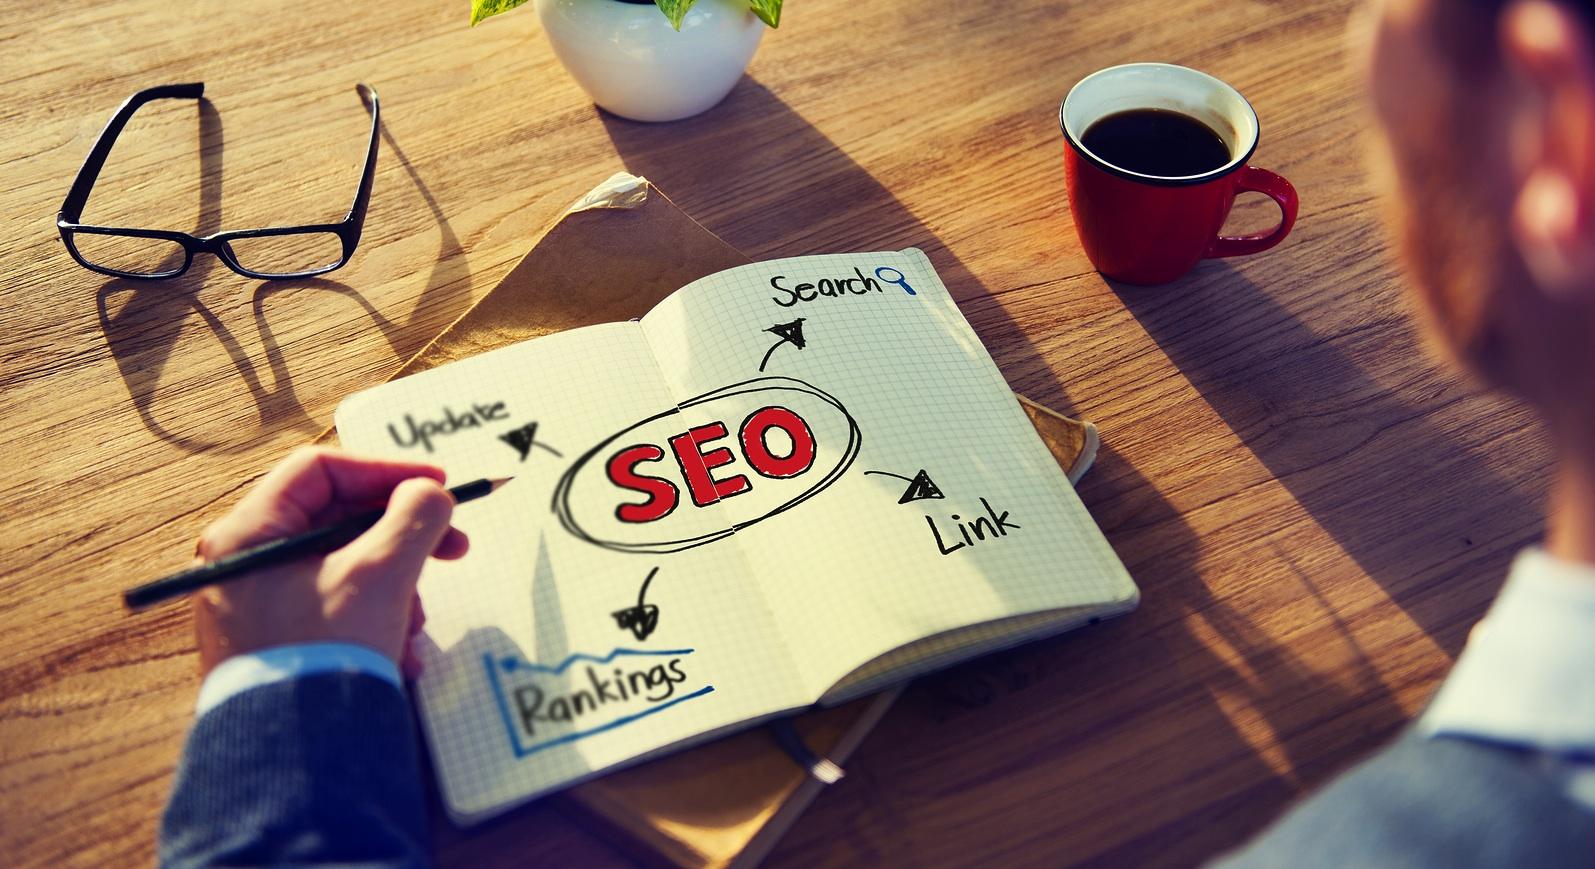 5 Thủ thuật nâng cao chất lượng cho bài viết chuẩn seo, làm được dễ lên top google